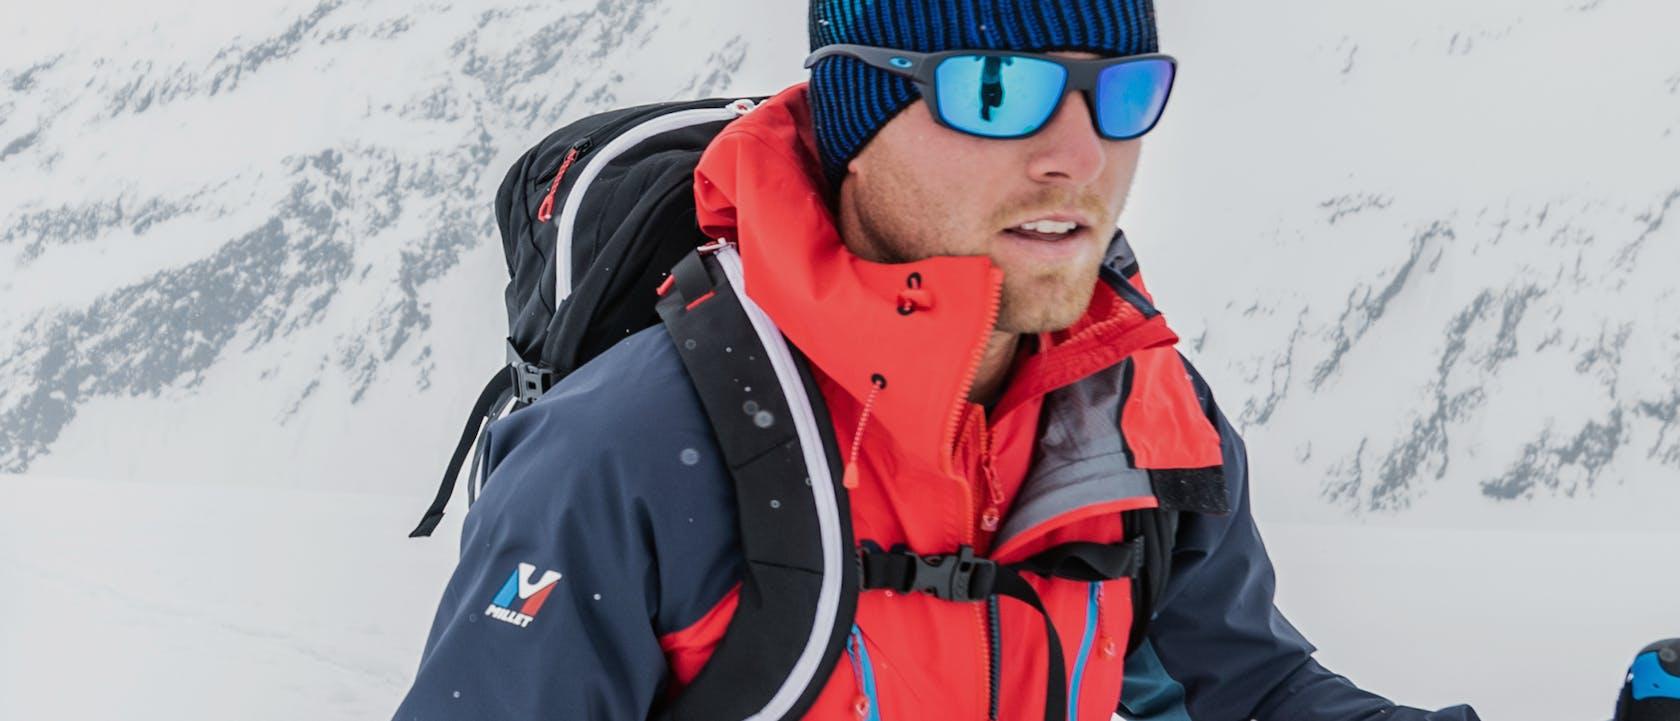 skitouren herren bekleidung